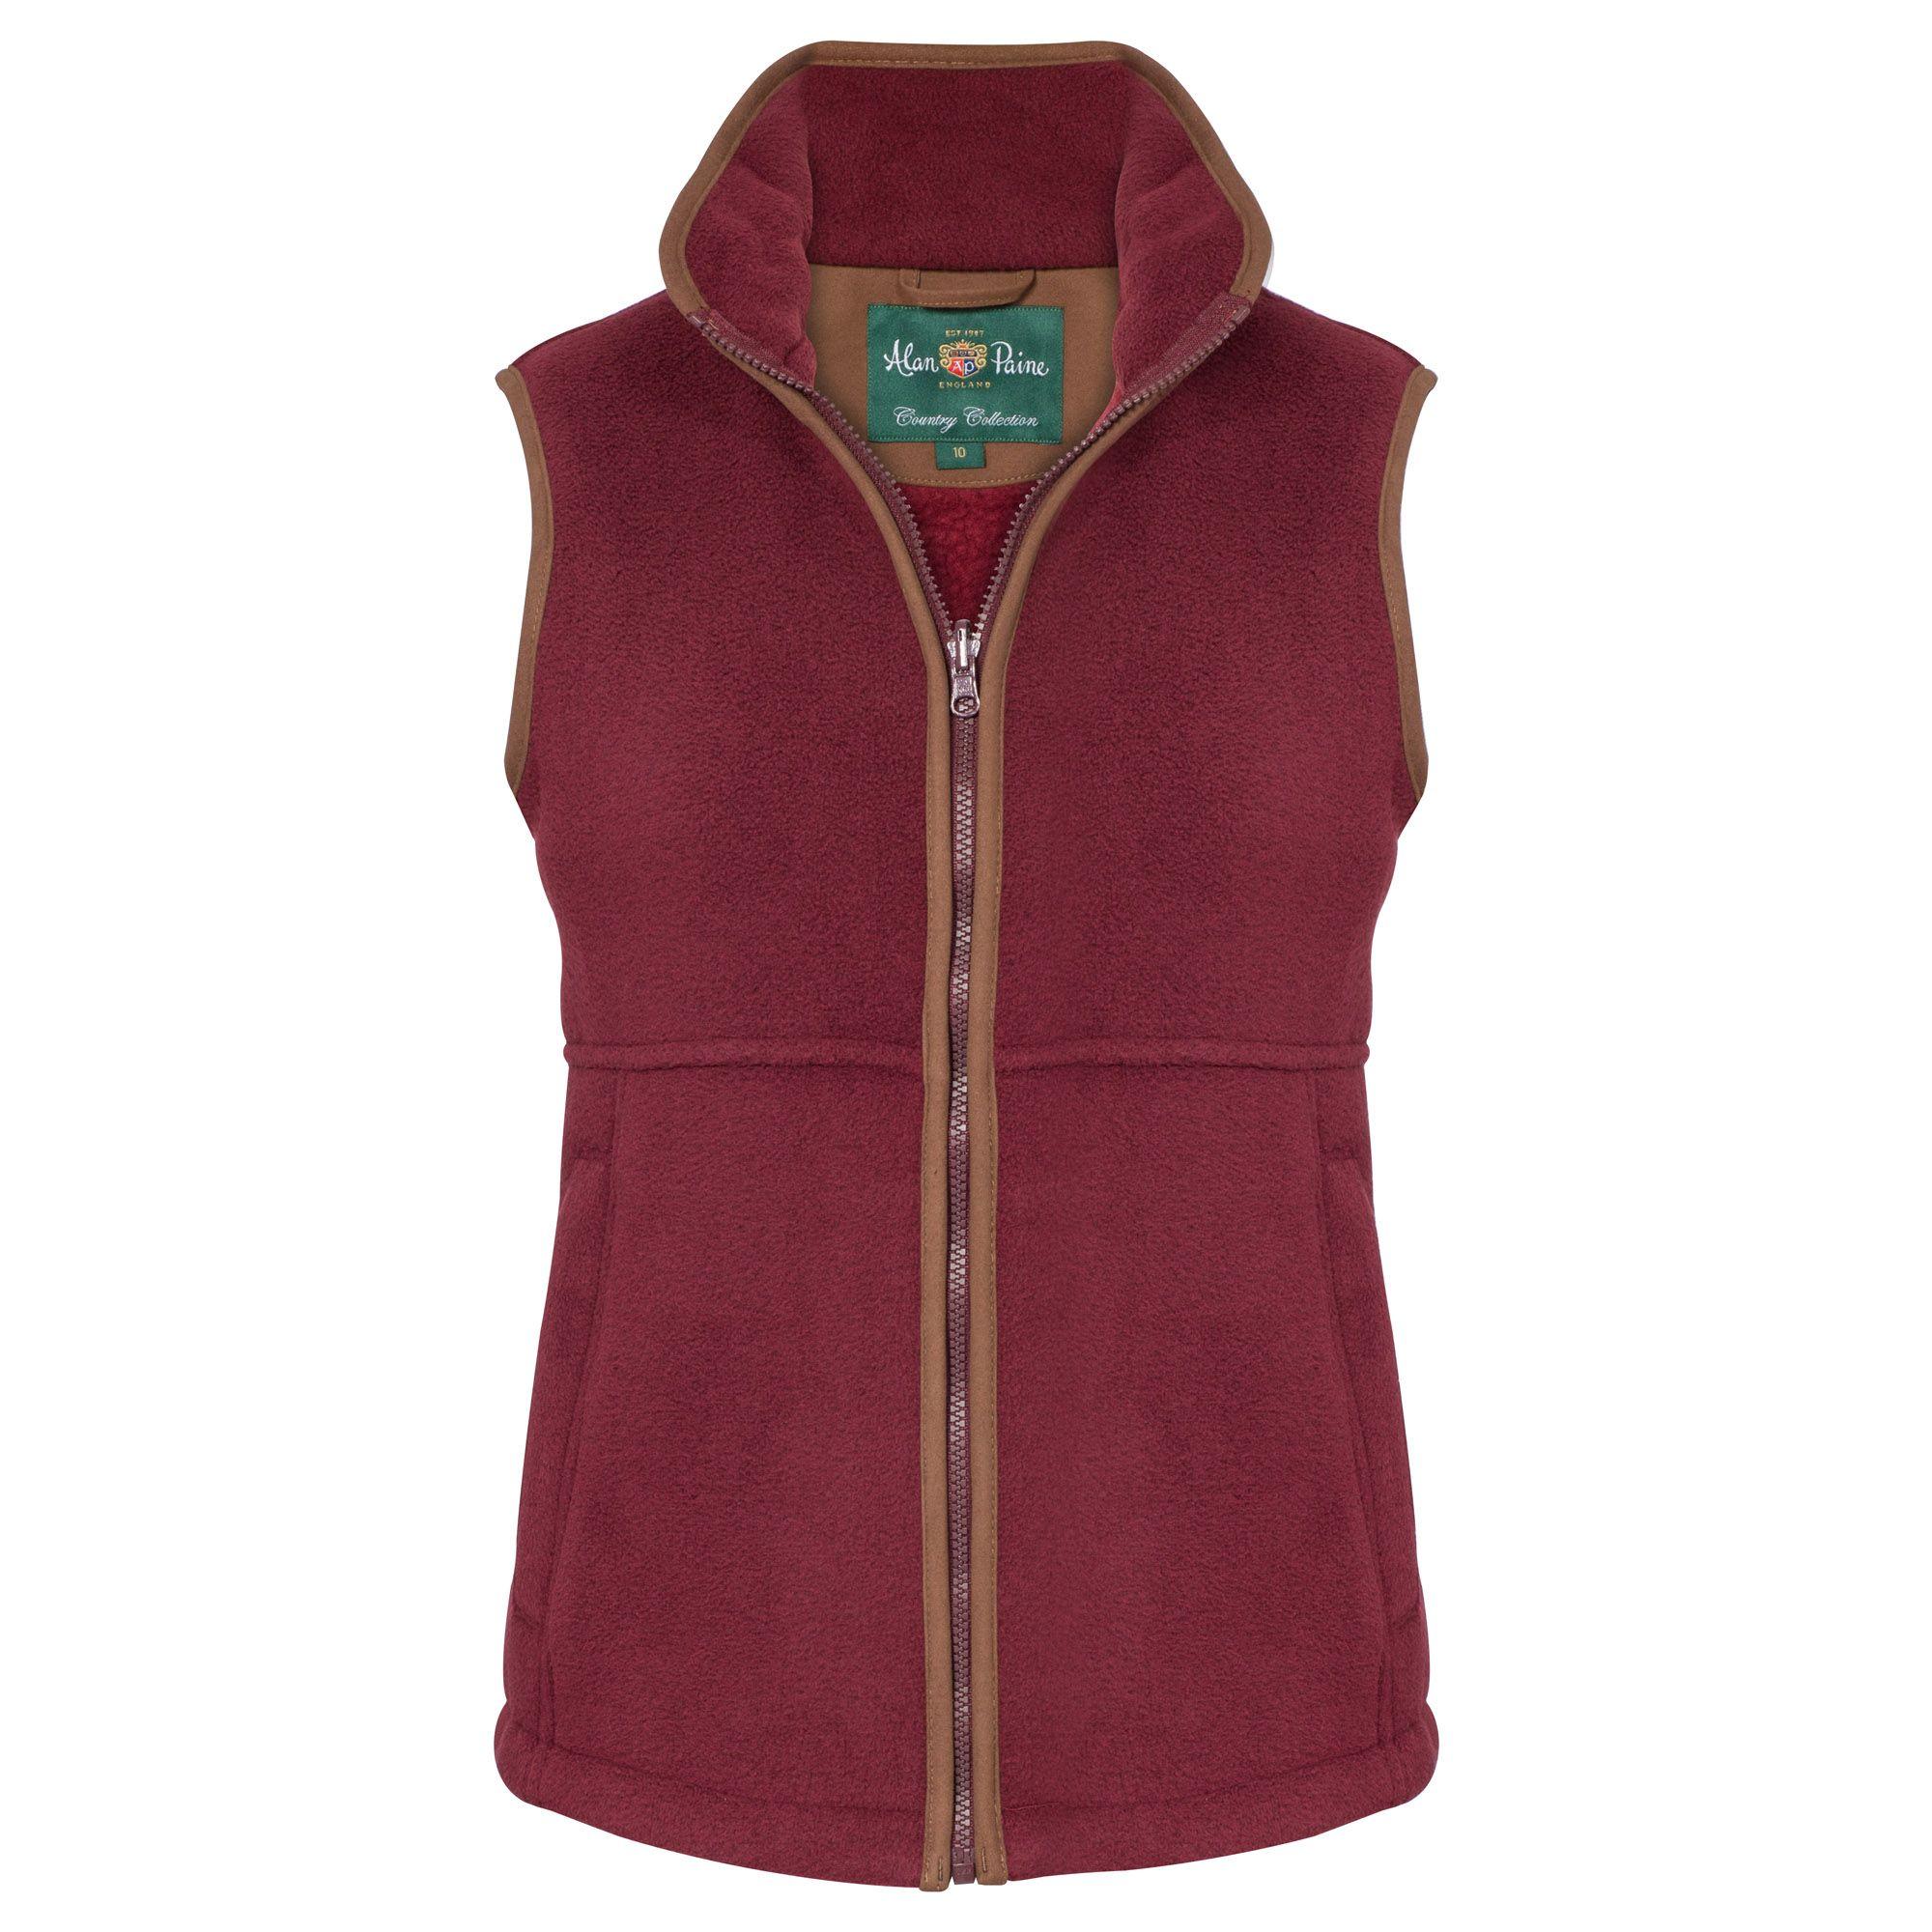 AP Aylsham Ladies Bordeaux Fleece Waistcoat 1